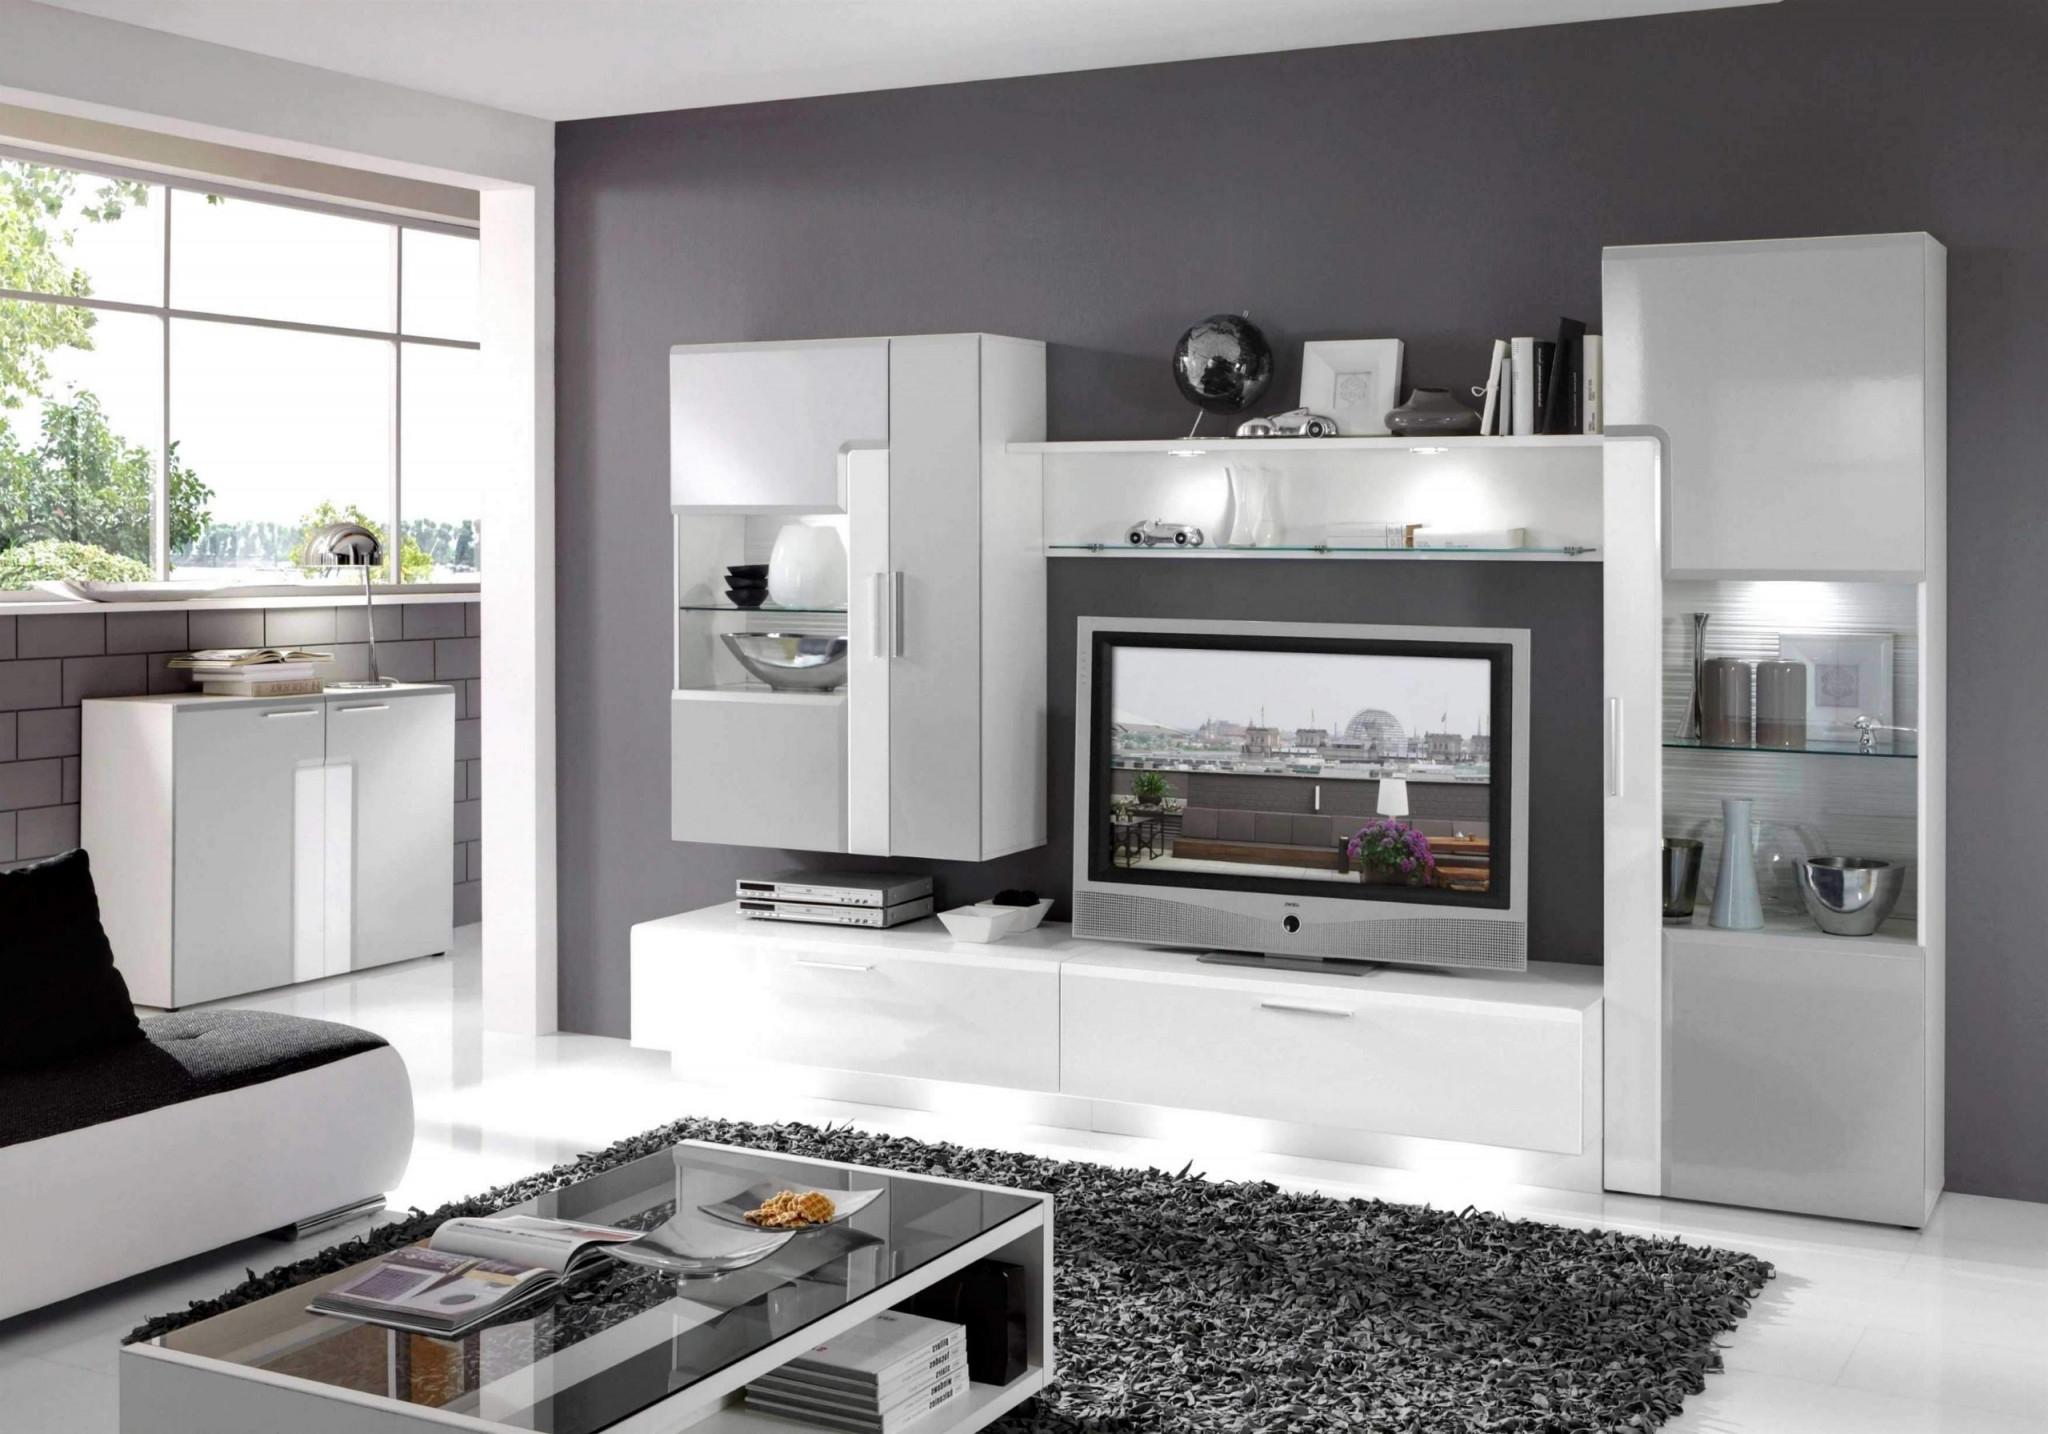 Wohnzimmer Gestalten Grau Das Beste Von 40 Einzigartig Von von Wohnzimmer Gestalten Grau Weiss Bild